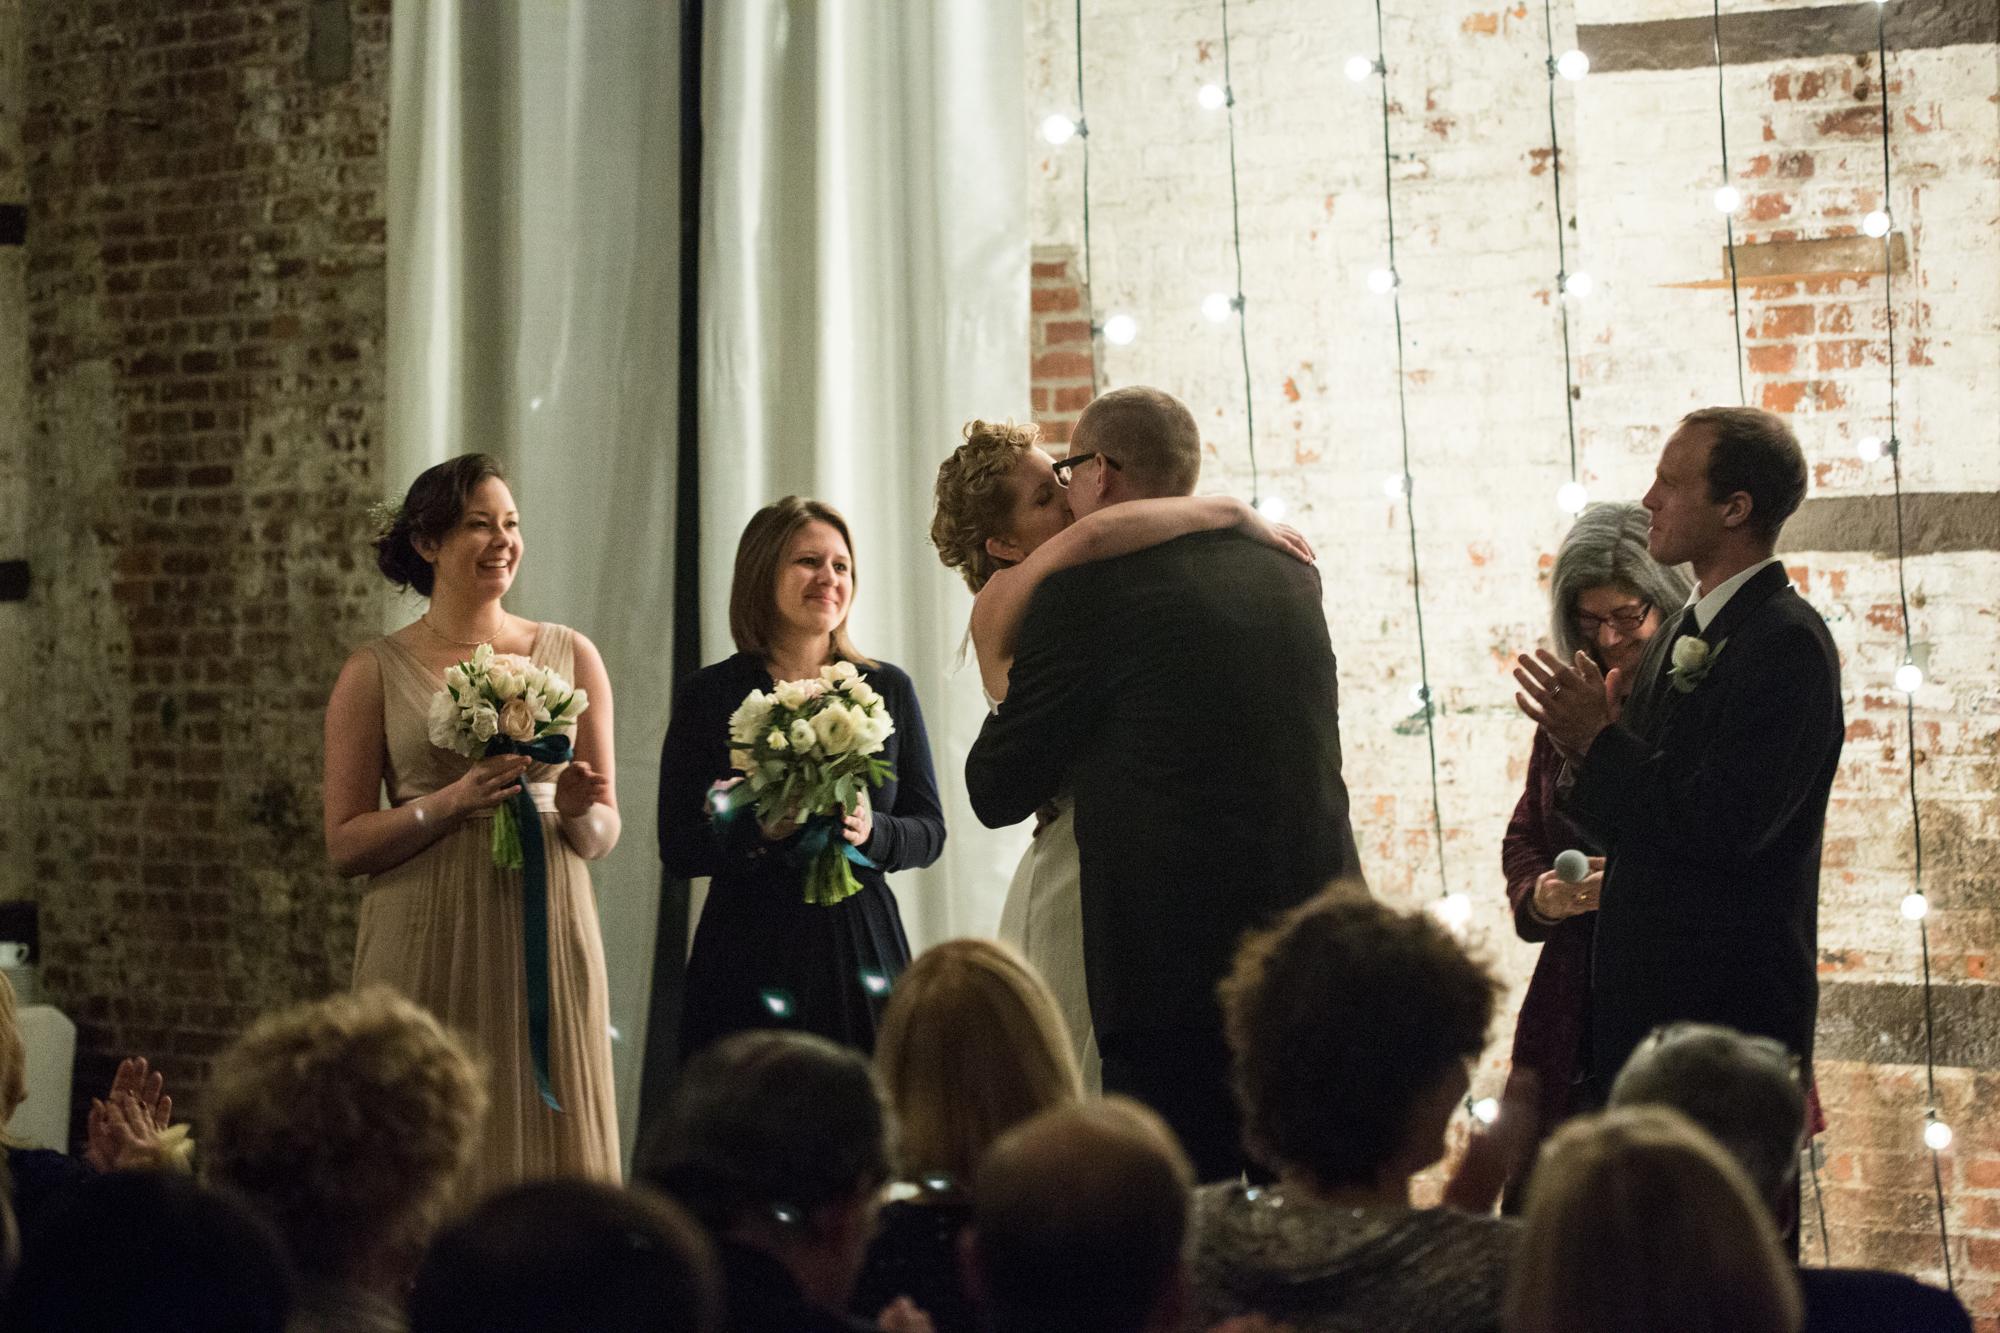 HeatherPhelpsLipton-Modern-WeddingPhotography-GreenBuilding-winter-prospectpark-27.jpg